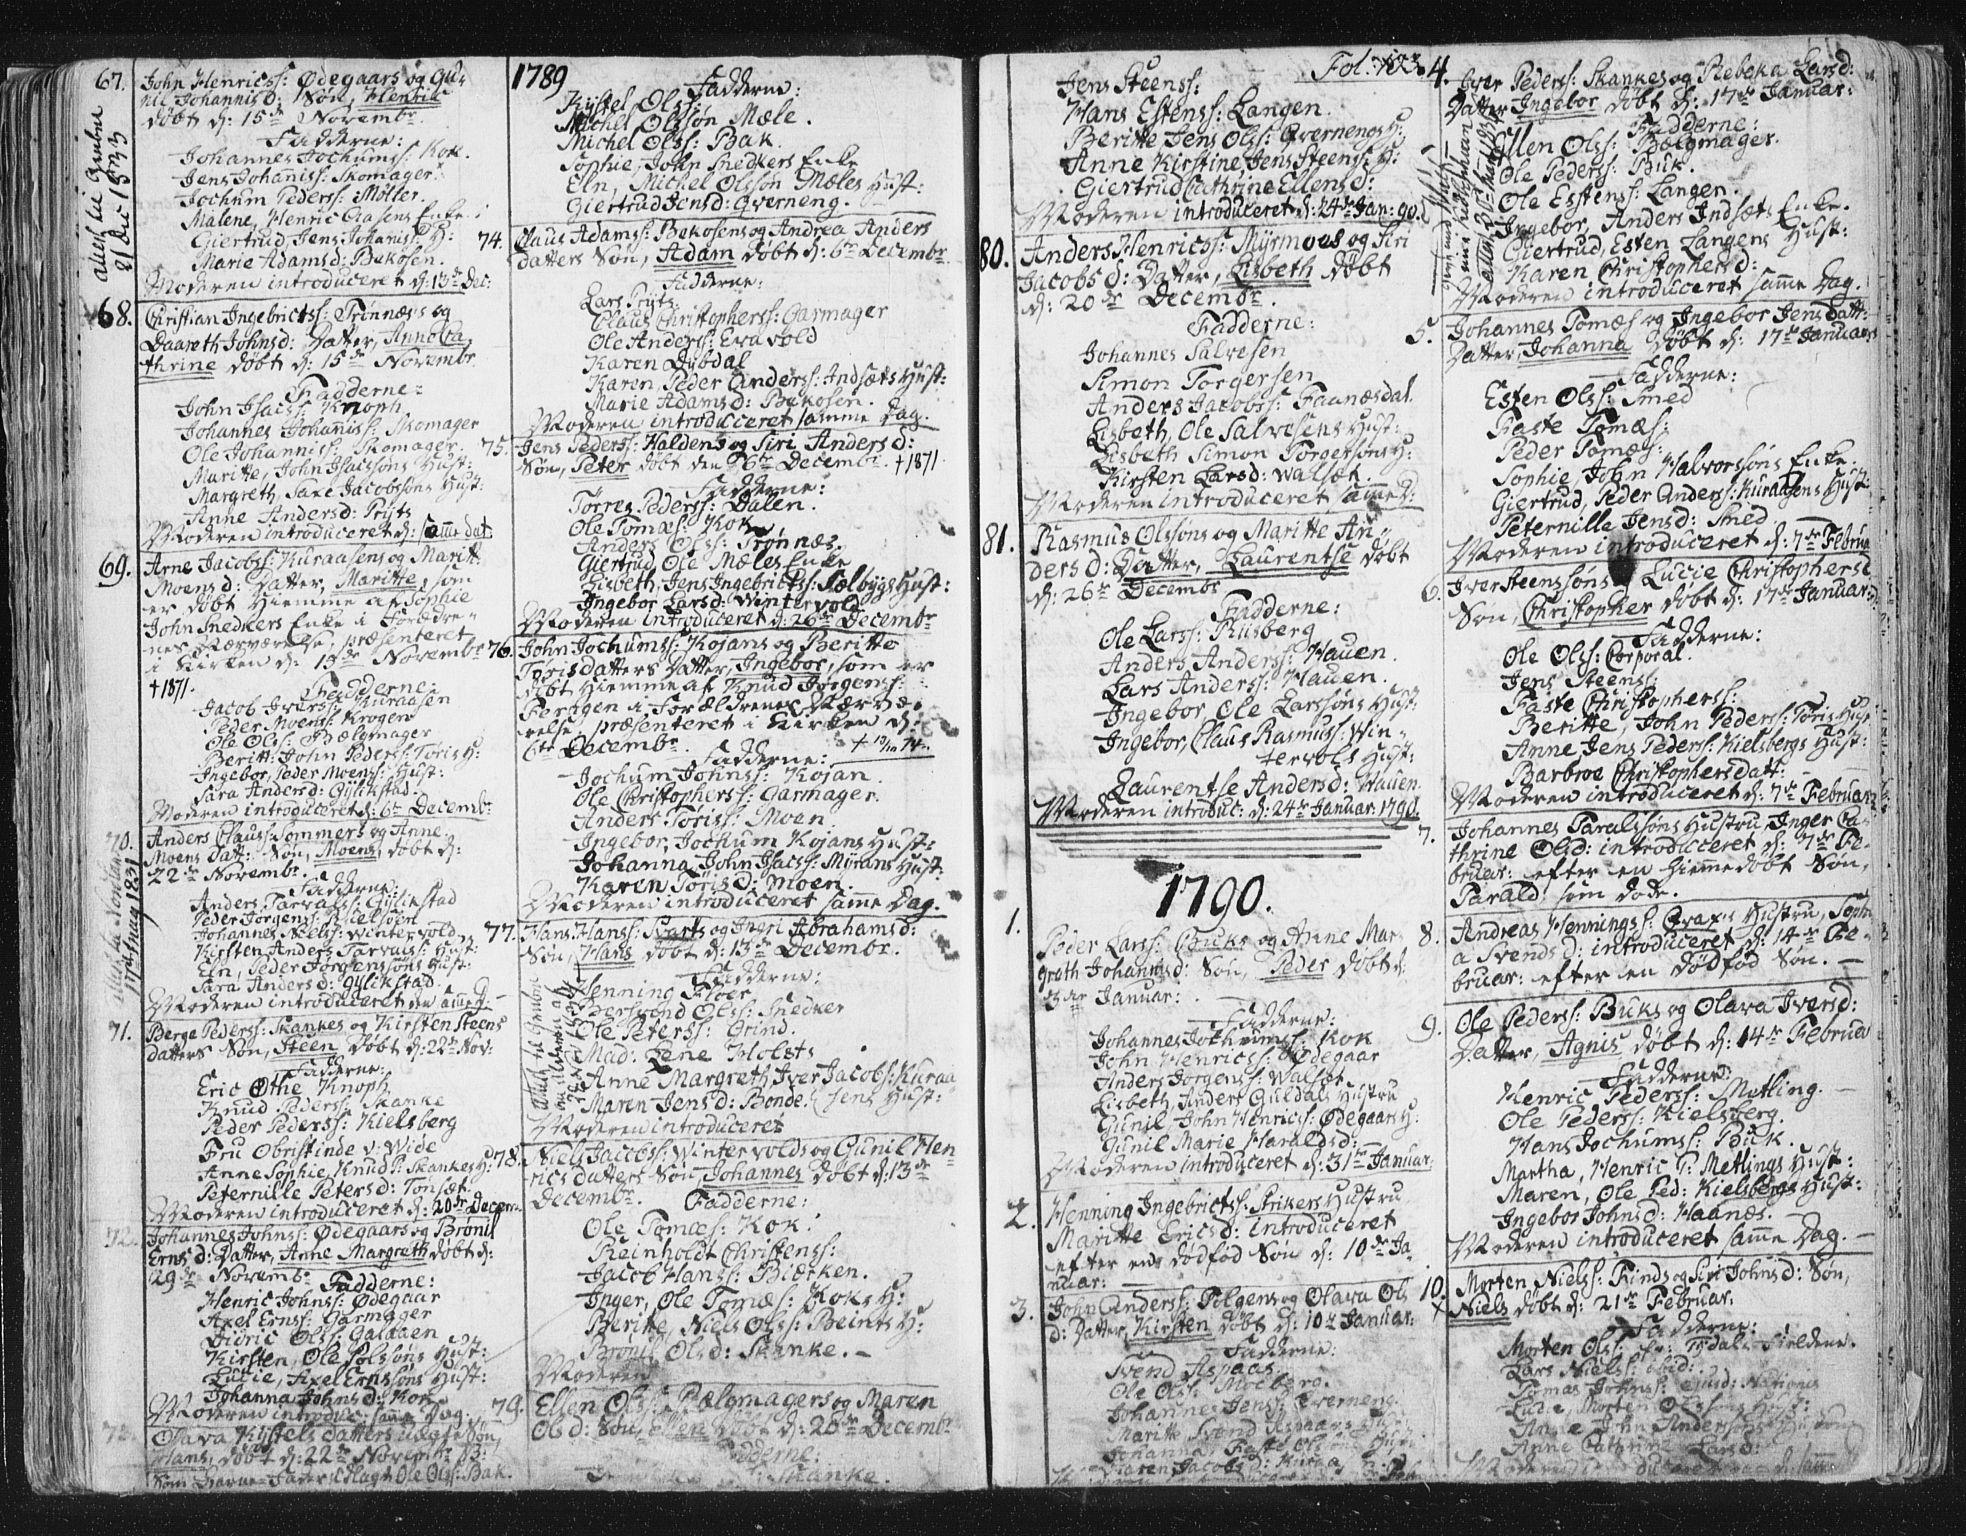 SAT, Ministerialprotokoller, klokkerbøker og fødselsregistre - Sør-Trøndelag, 681/L0926: Ministerialbok nr. 681A04, 1767-1797, s. 103